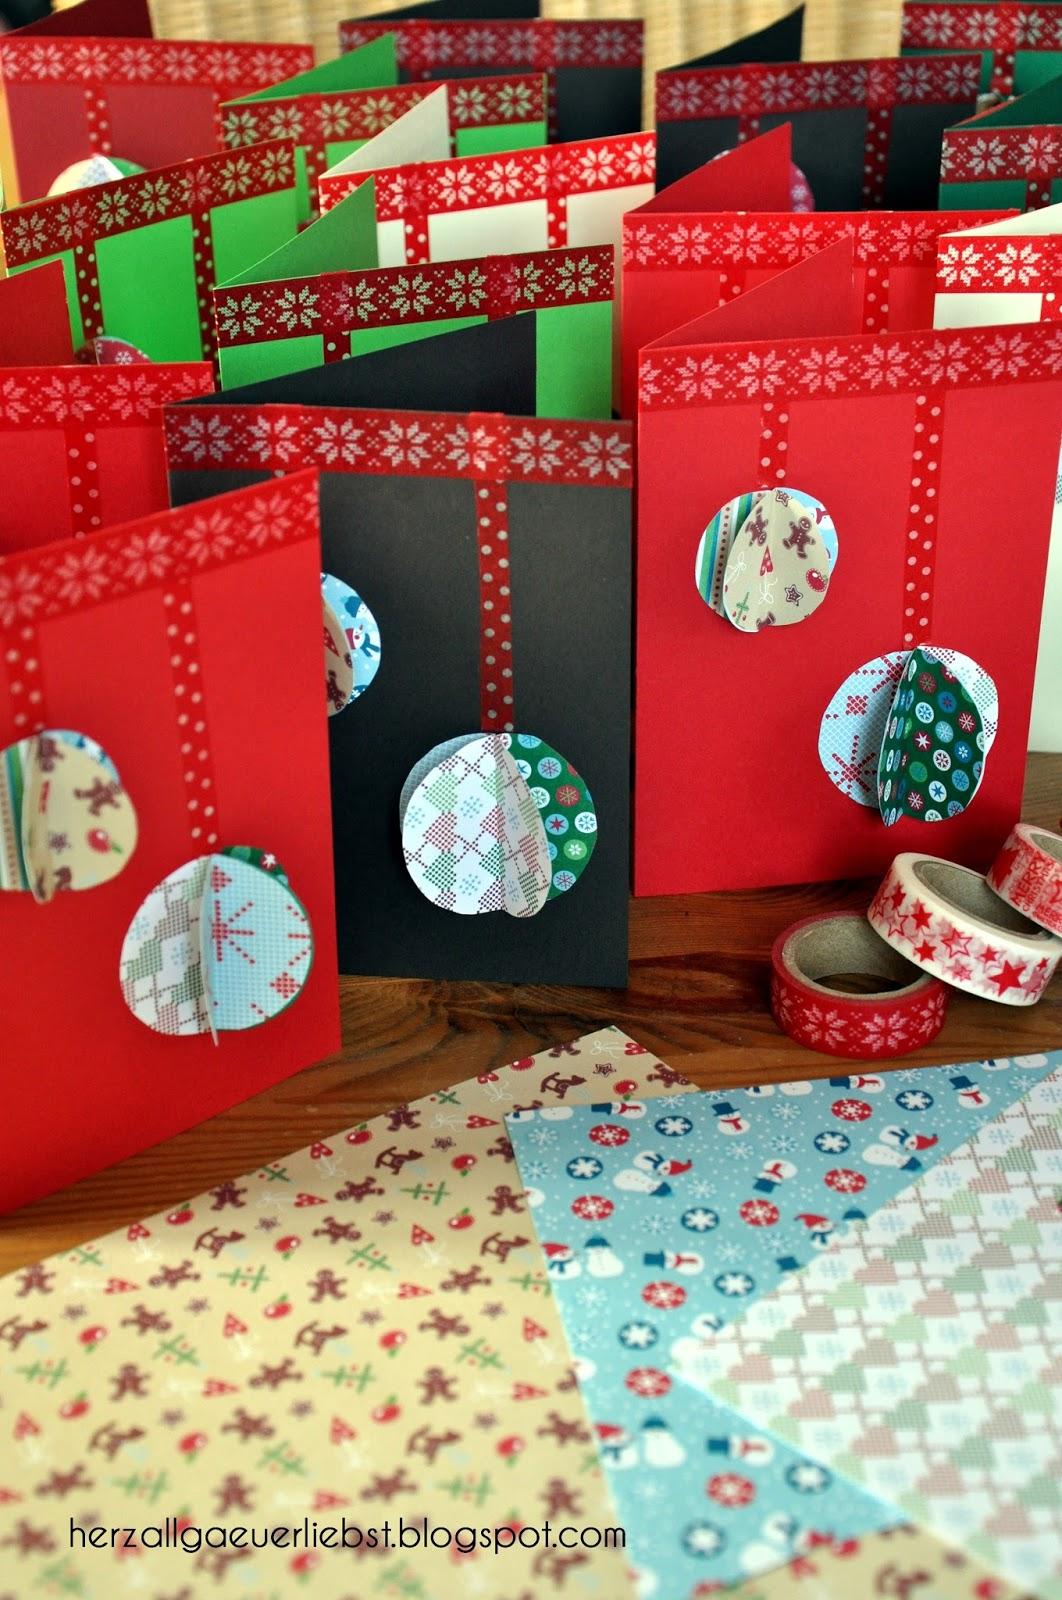 herzallg uerliebst fotogru karten zu weihnachten. Black Bedroom Furniture Sets. Home Design Ideas